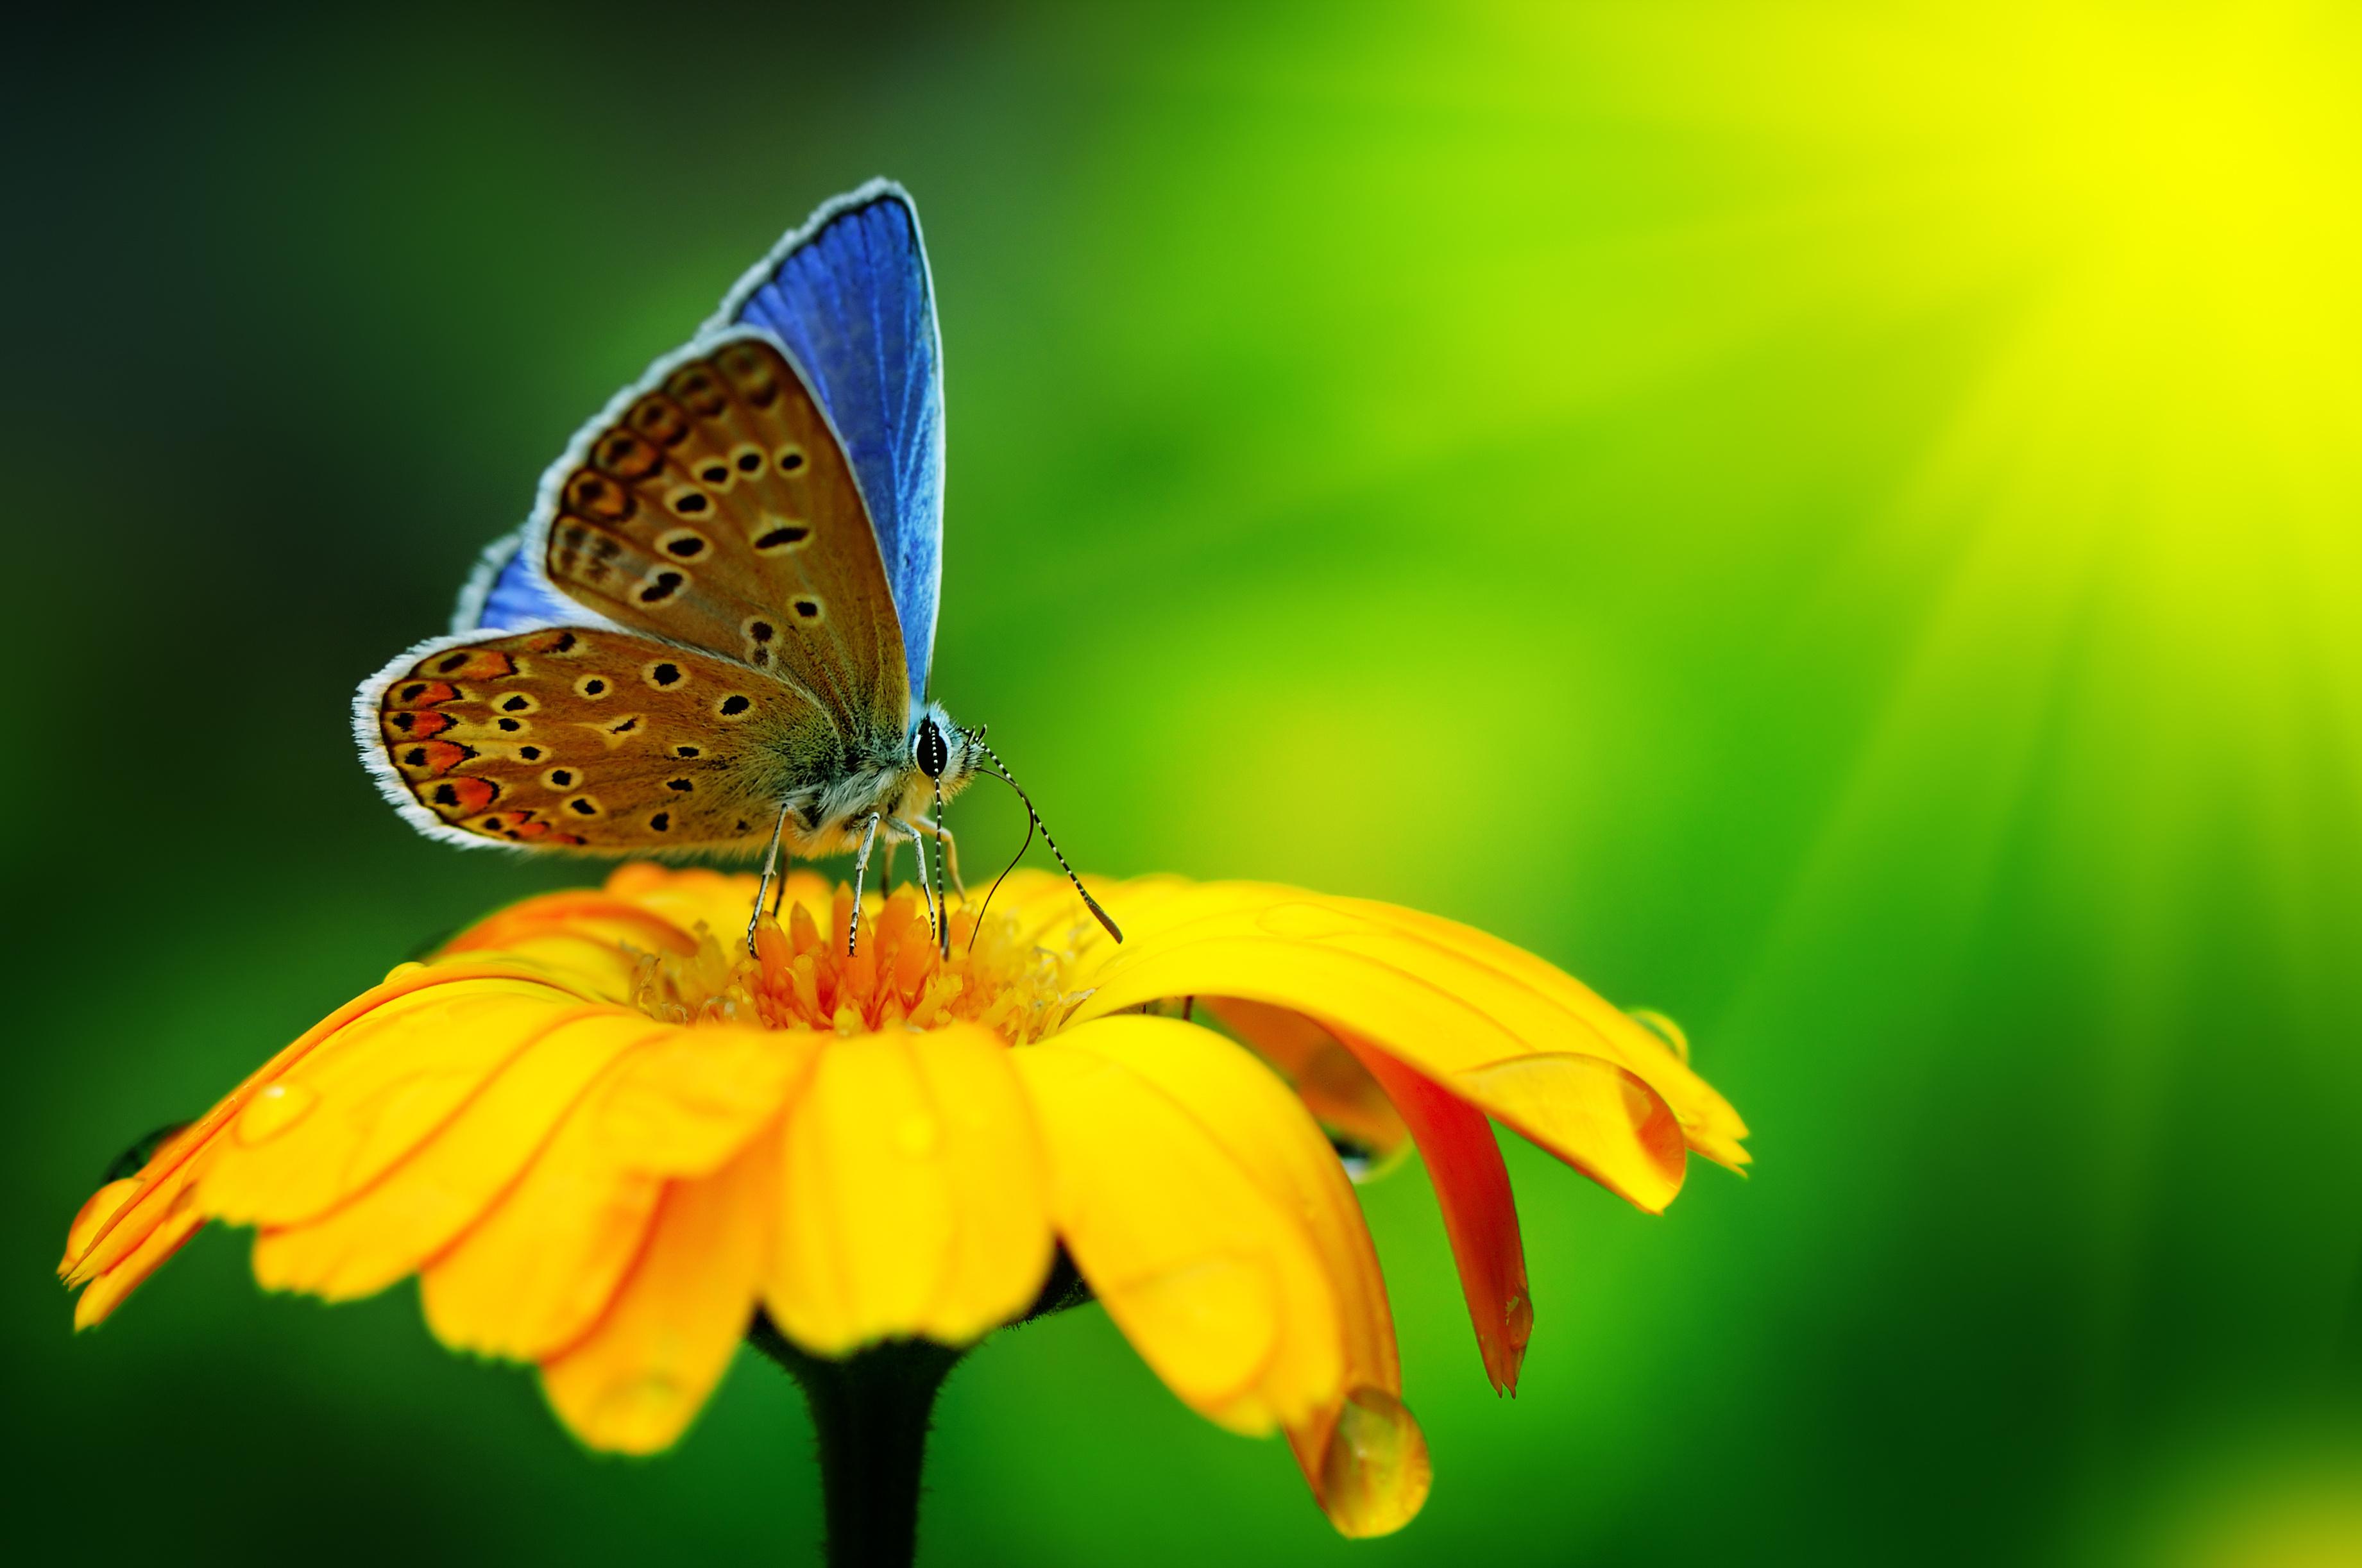 бабочка на зеленой траве  № 1396156 загрузить